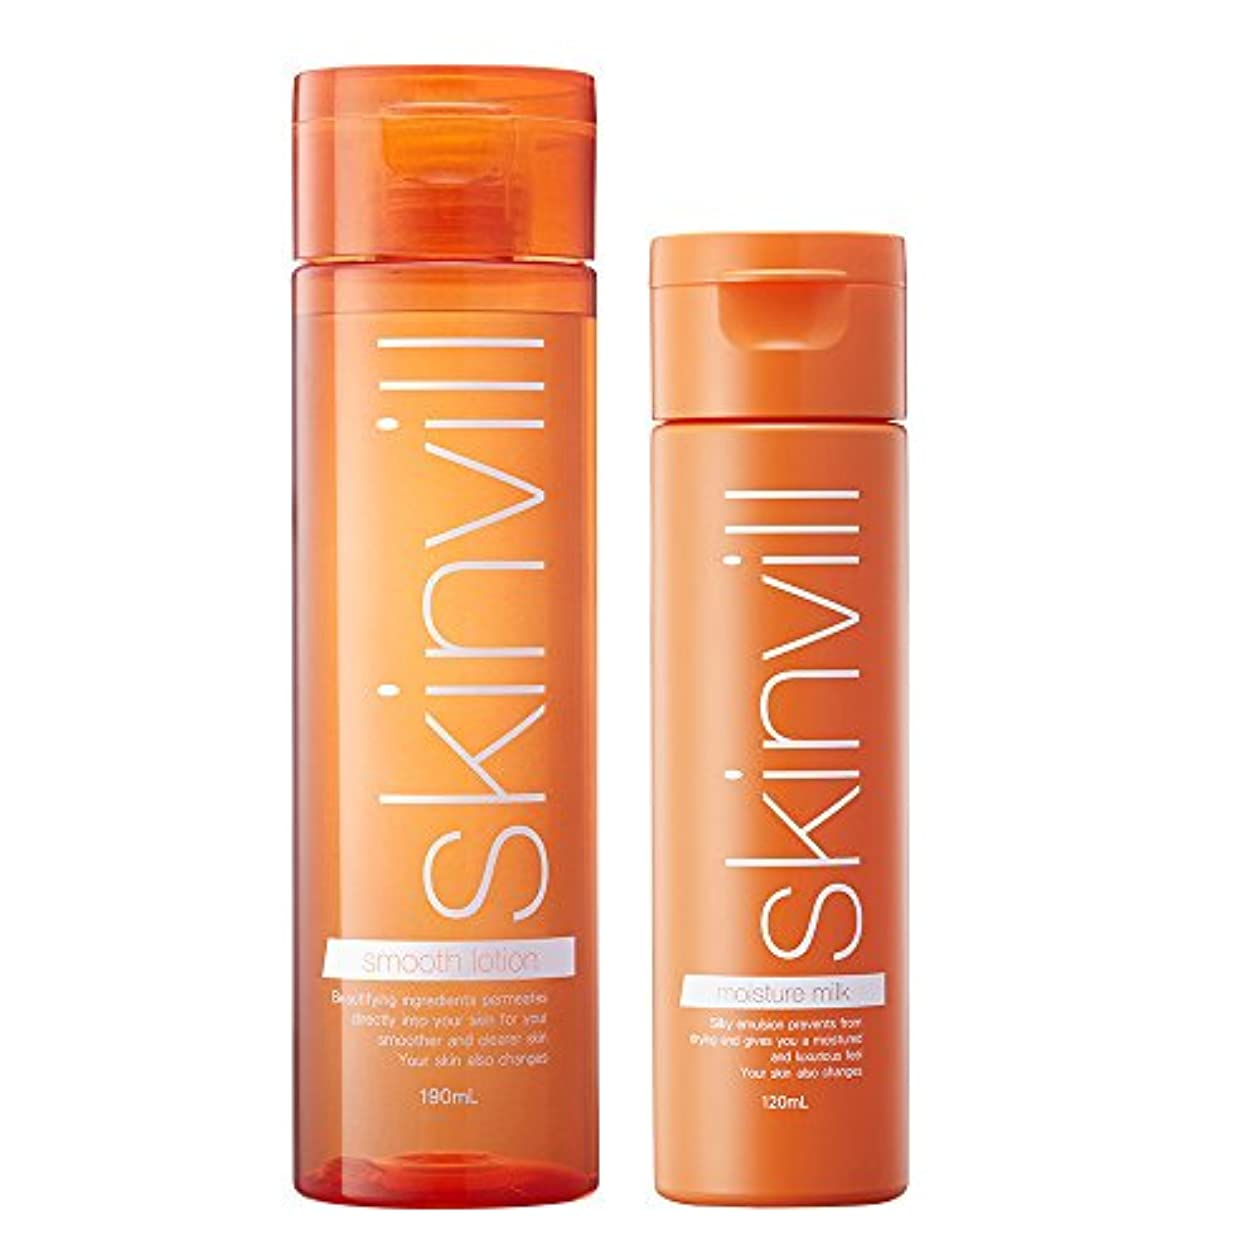 信頼性のある雹テンション【セット】 skinvill スキンビル スムースローション 化粧水 190ml & モイスチャーミルク 乳液 120ml